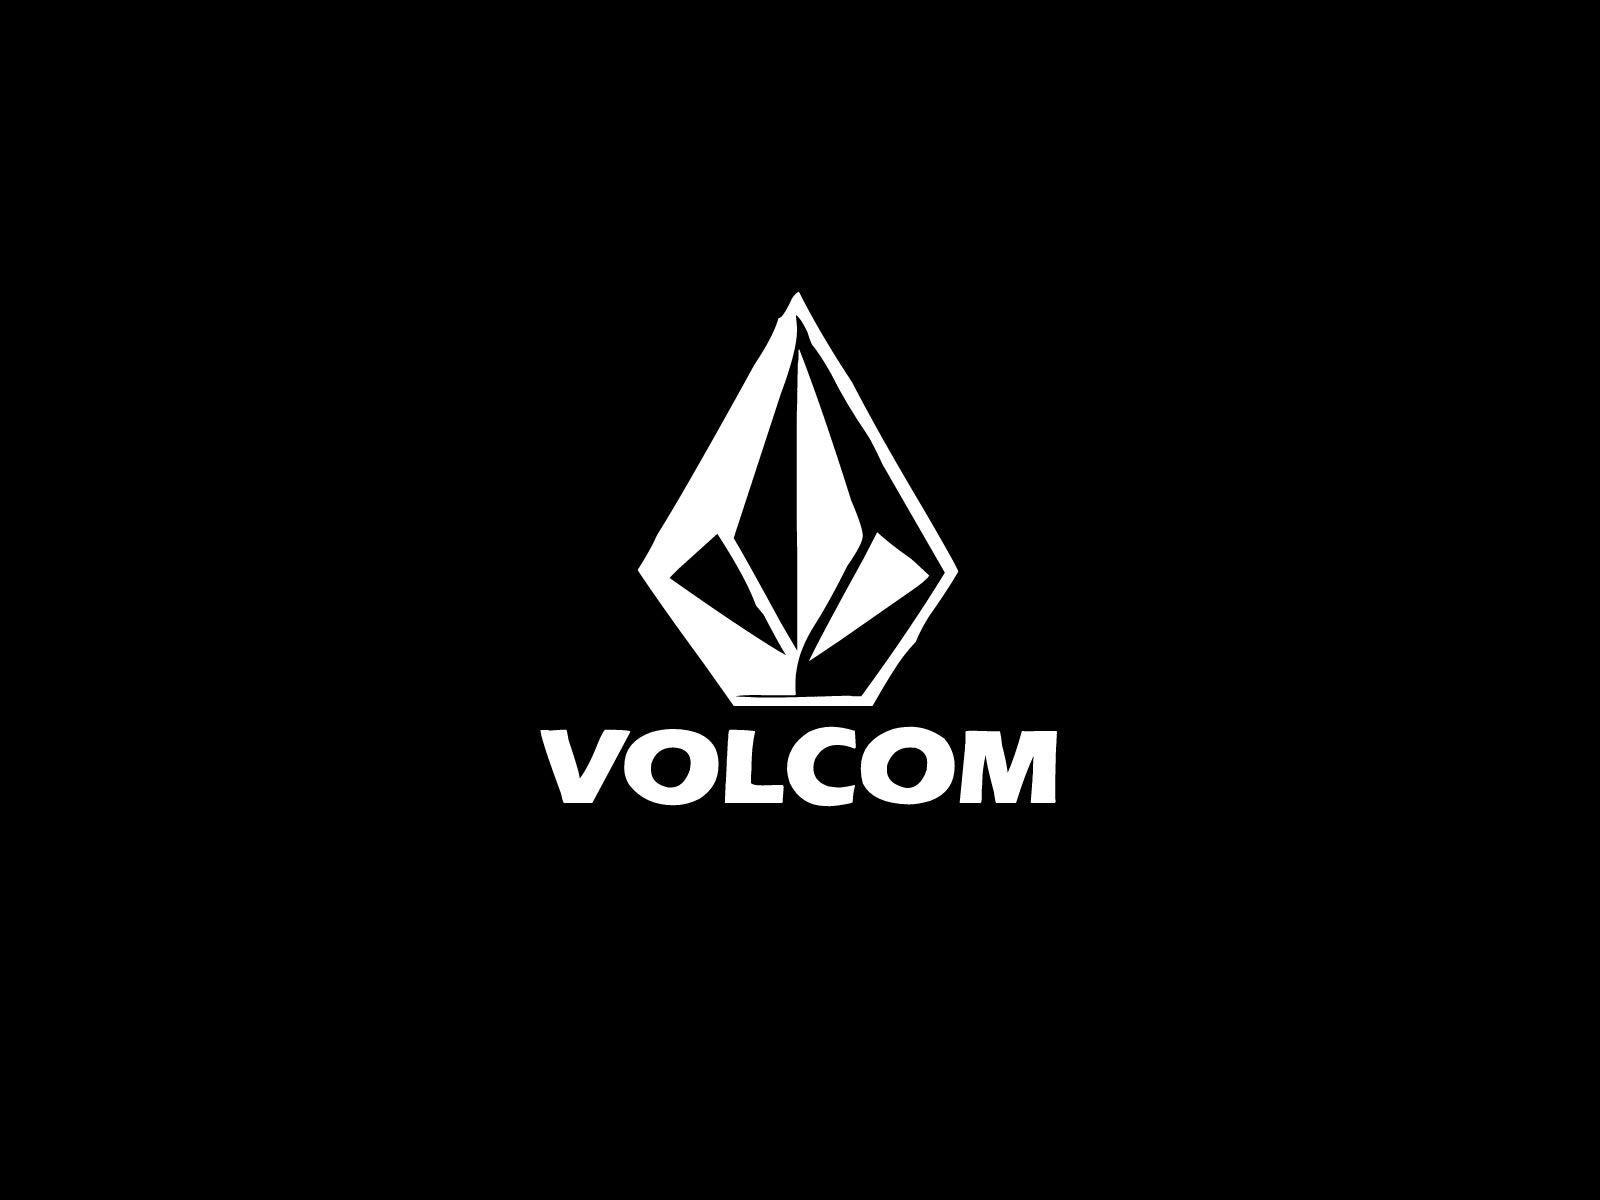 Volcom Wallpaper